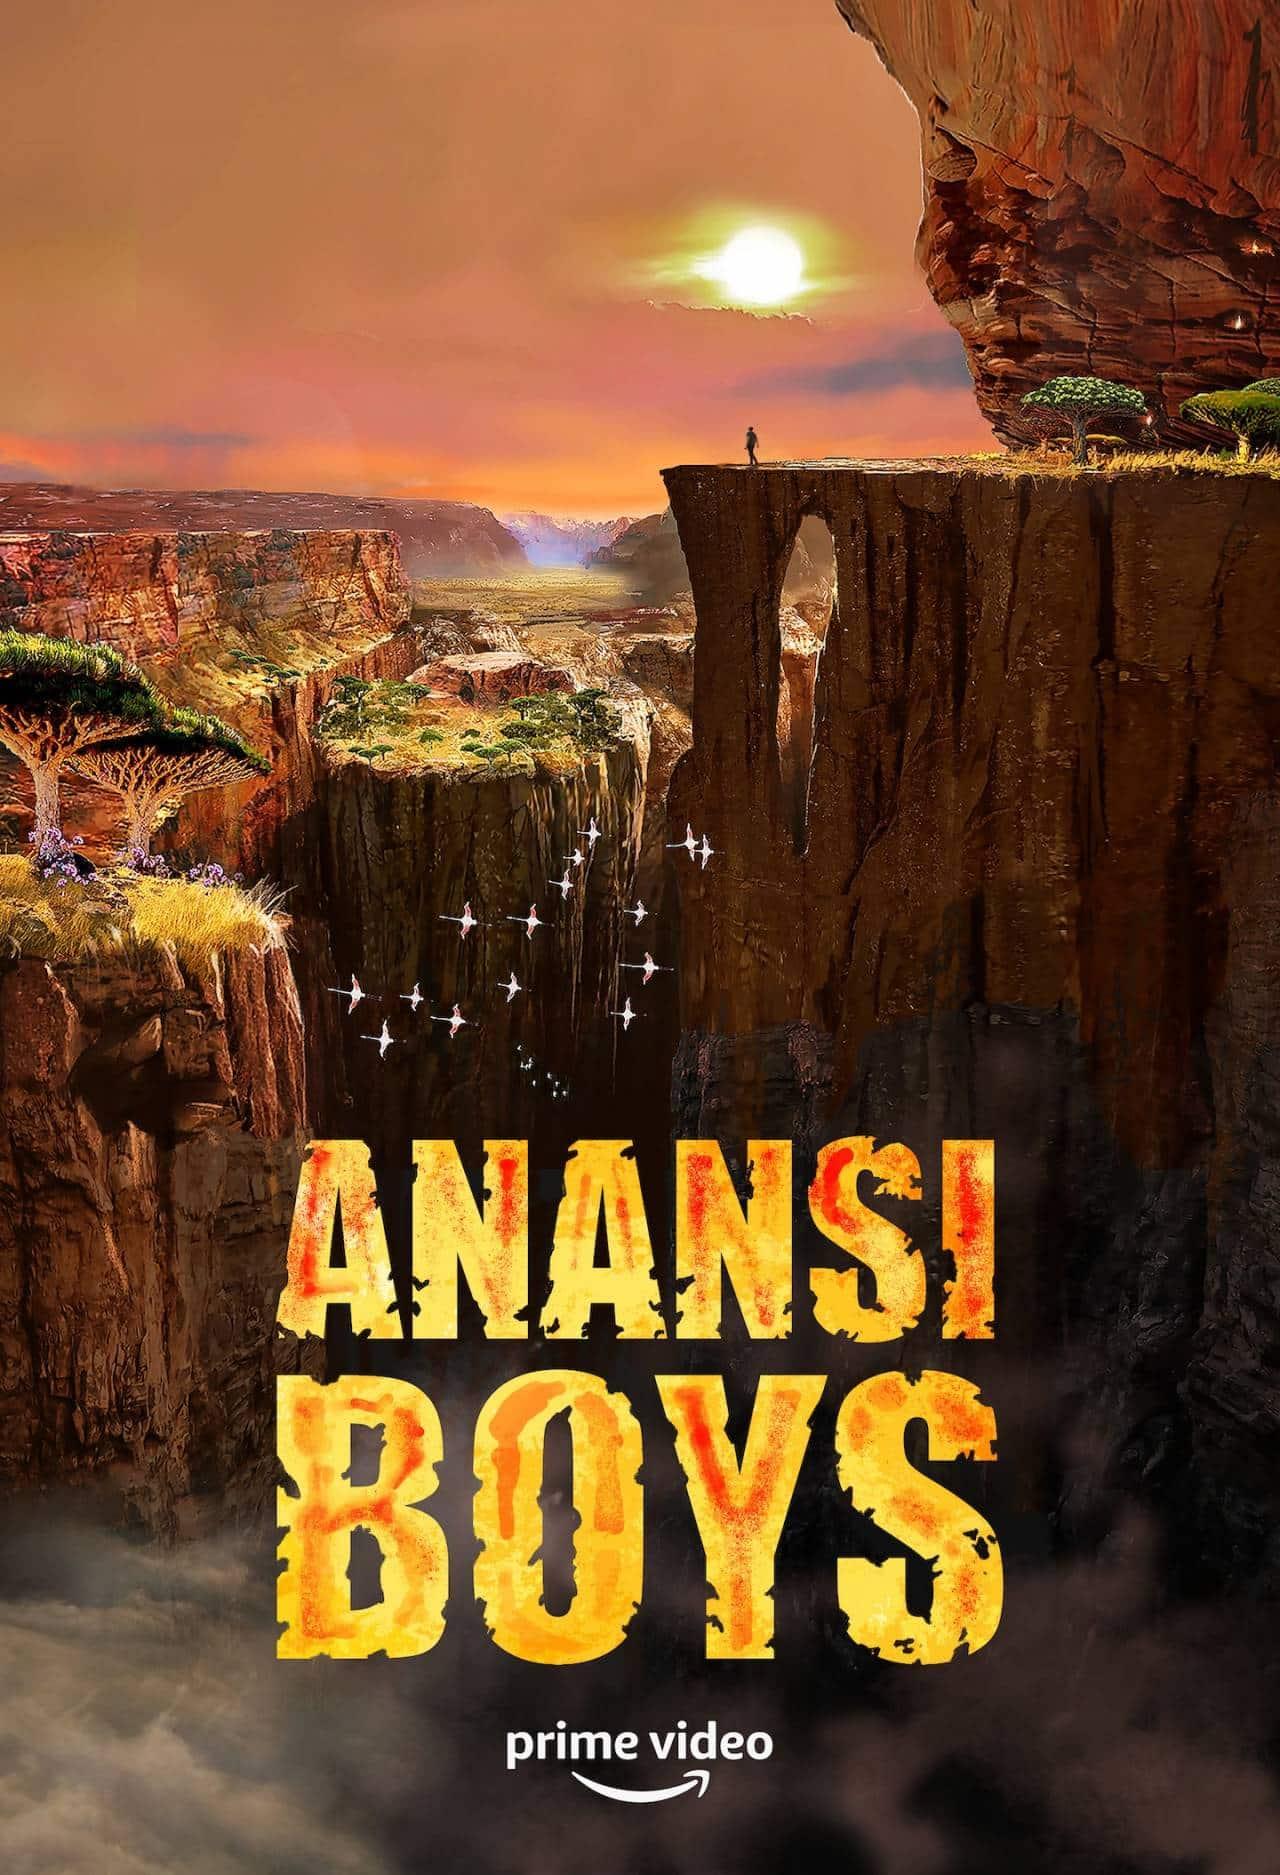 anansi boys amazon